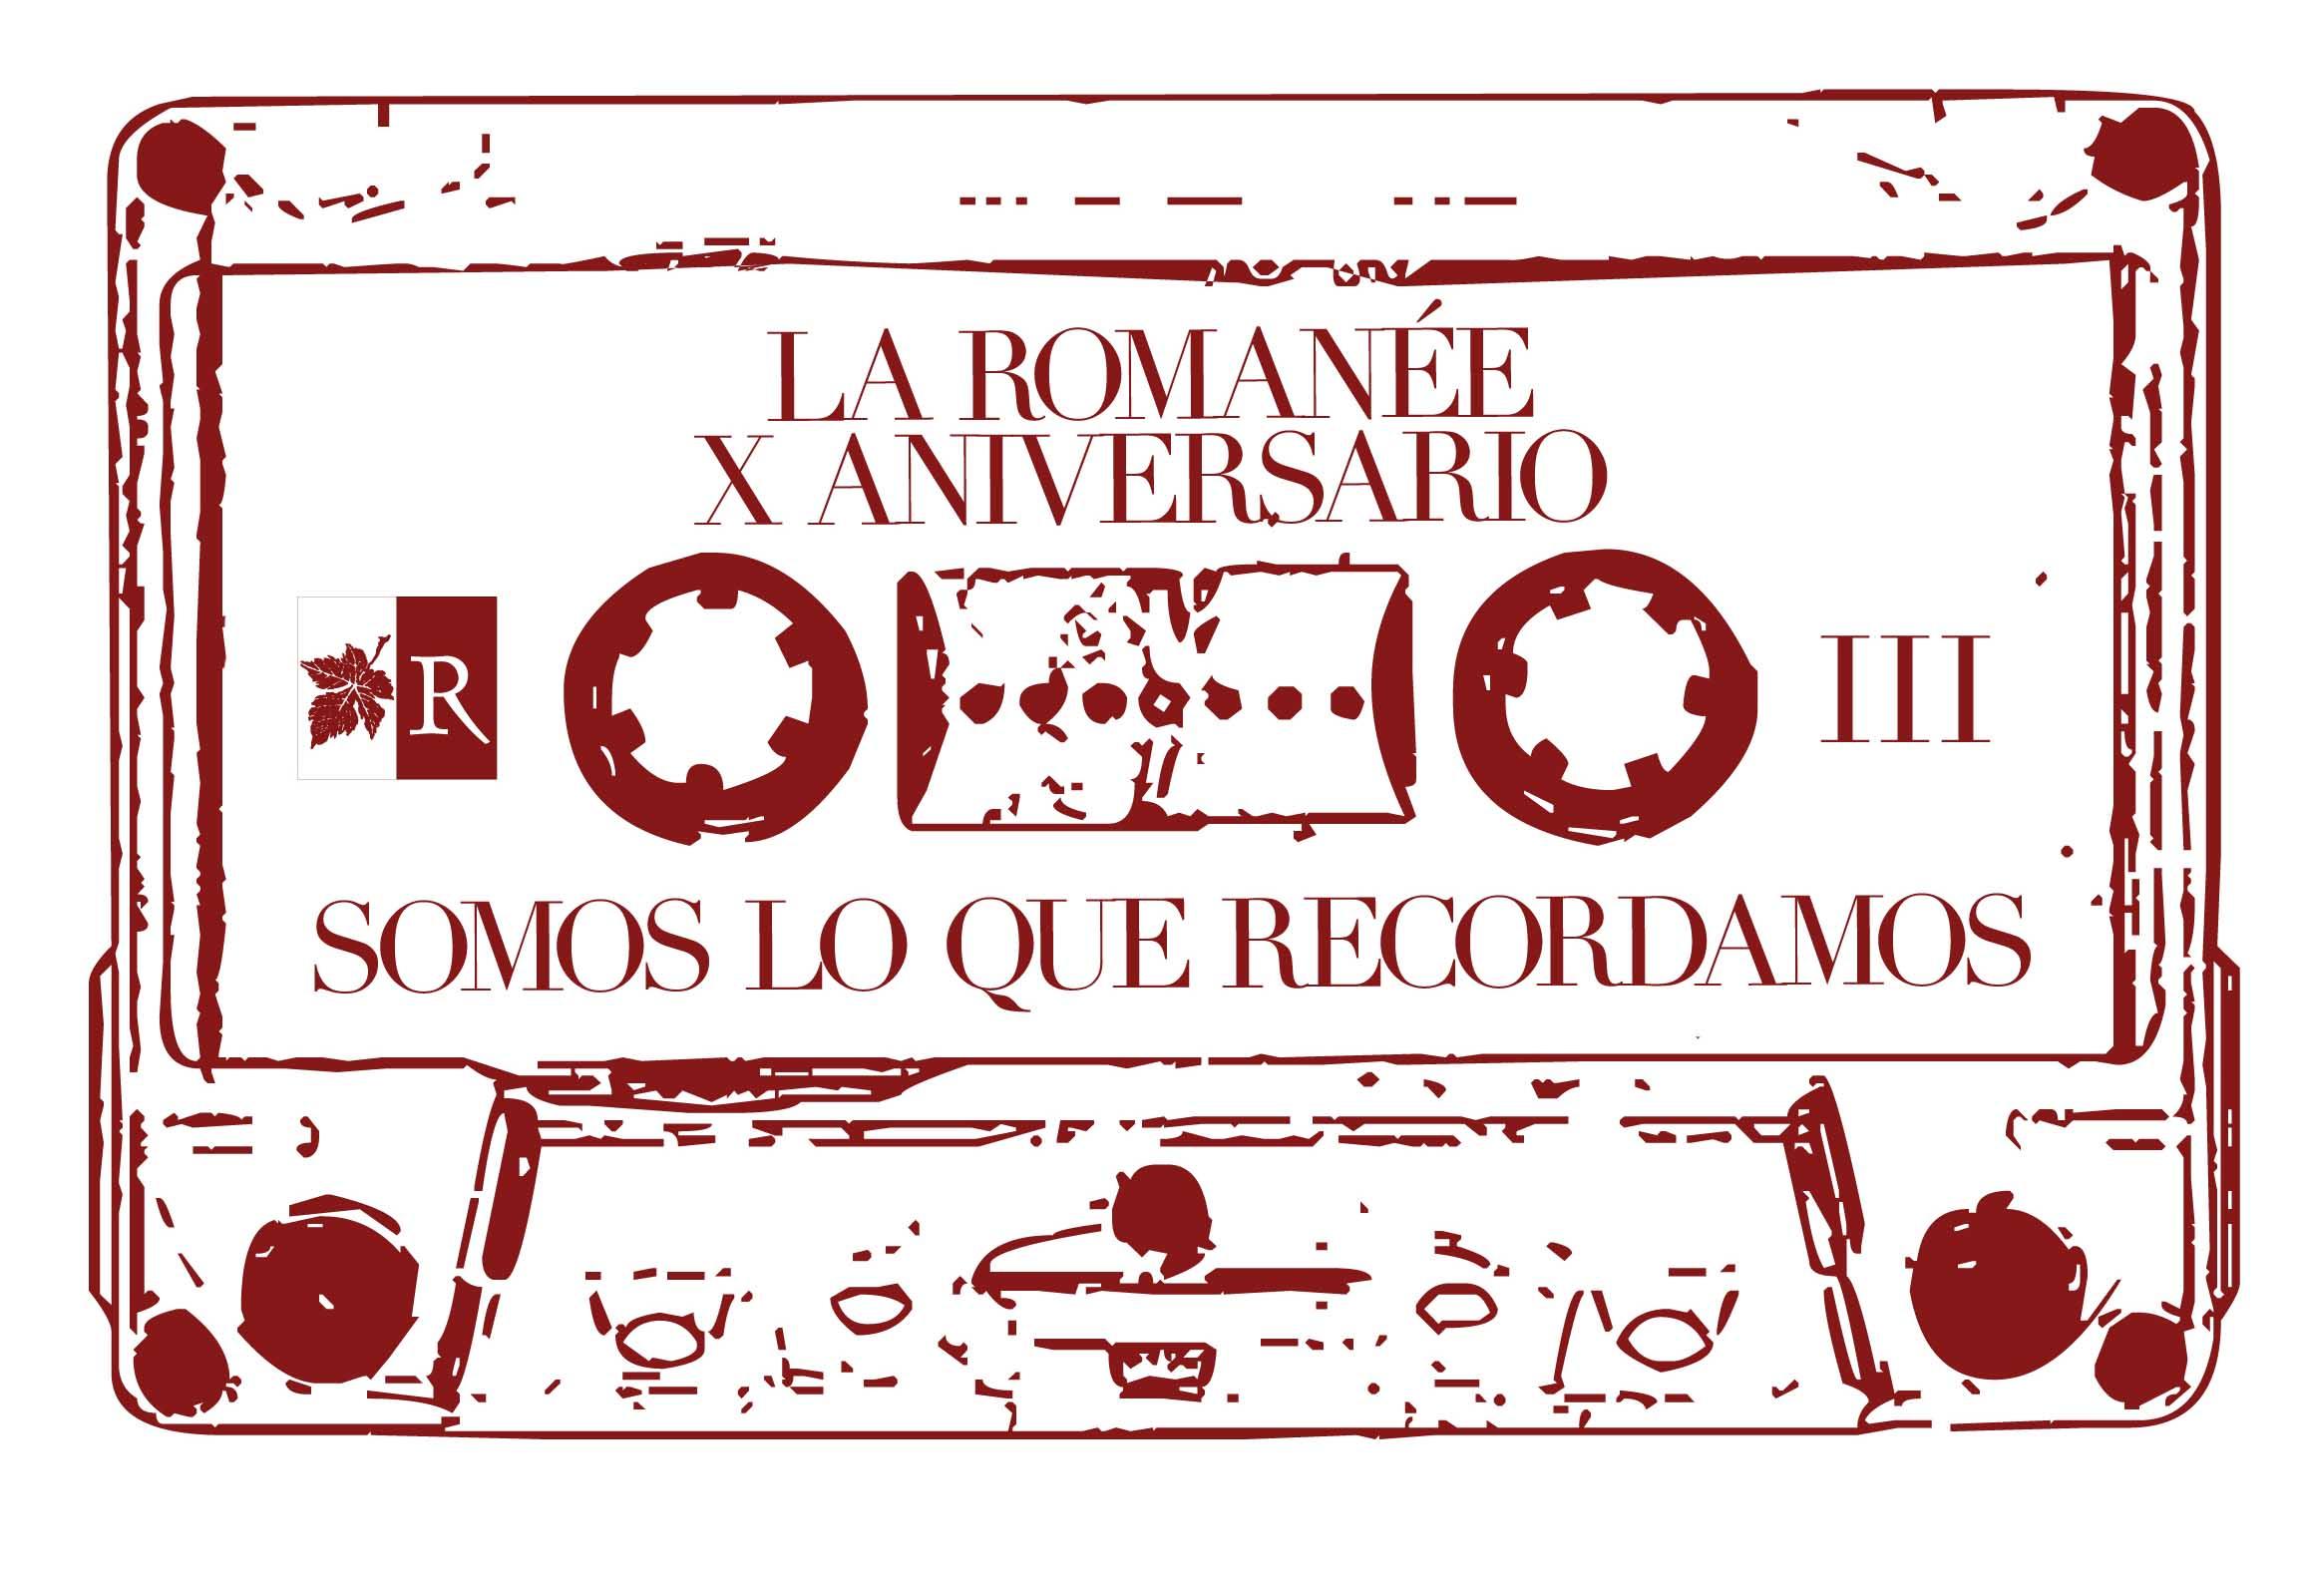 Fiesta para novi@s La Romanée. Gracias a todos por compartir con nosotros vuestra felicidad.